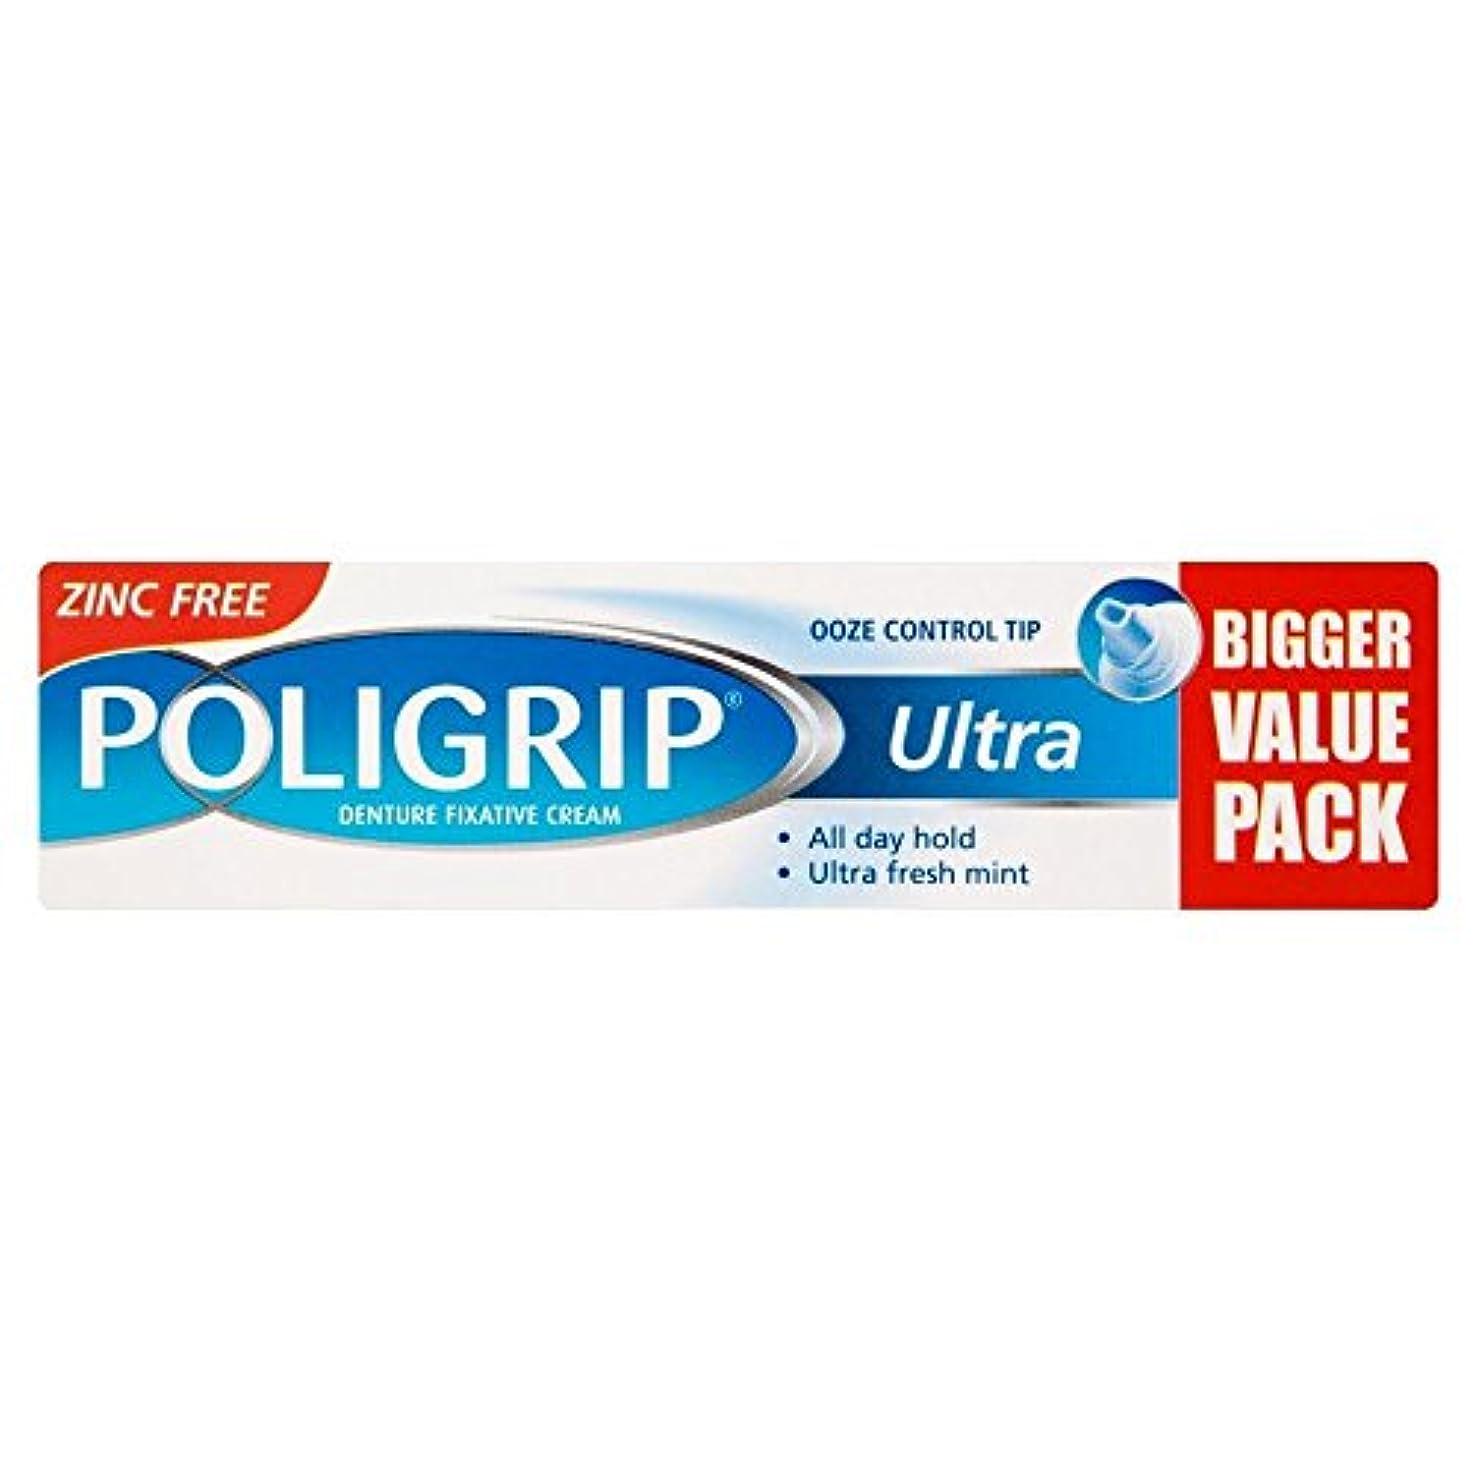 予想外移民皮肉な[Poligrip] Poligripの義歯安定剤クリーム超ミント(50グラム) - Poligrip Denture Fixative Cream Ultra Mint (50g) [並行輸入品]